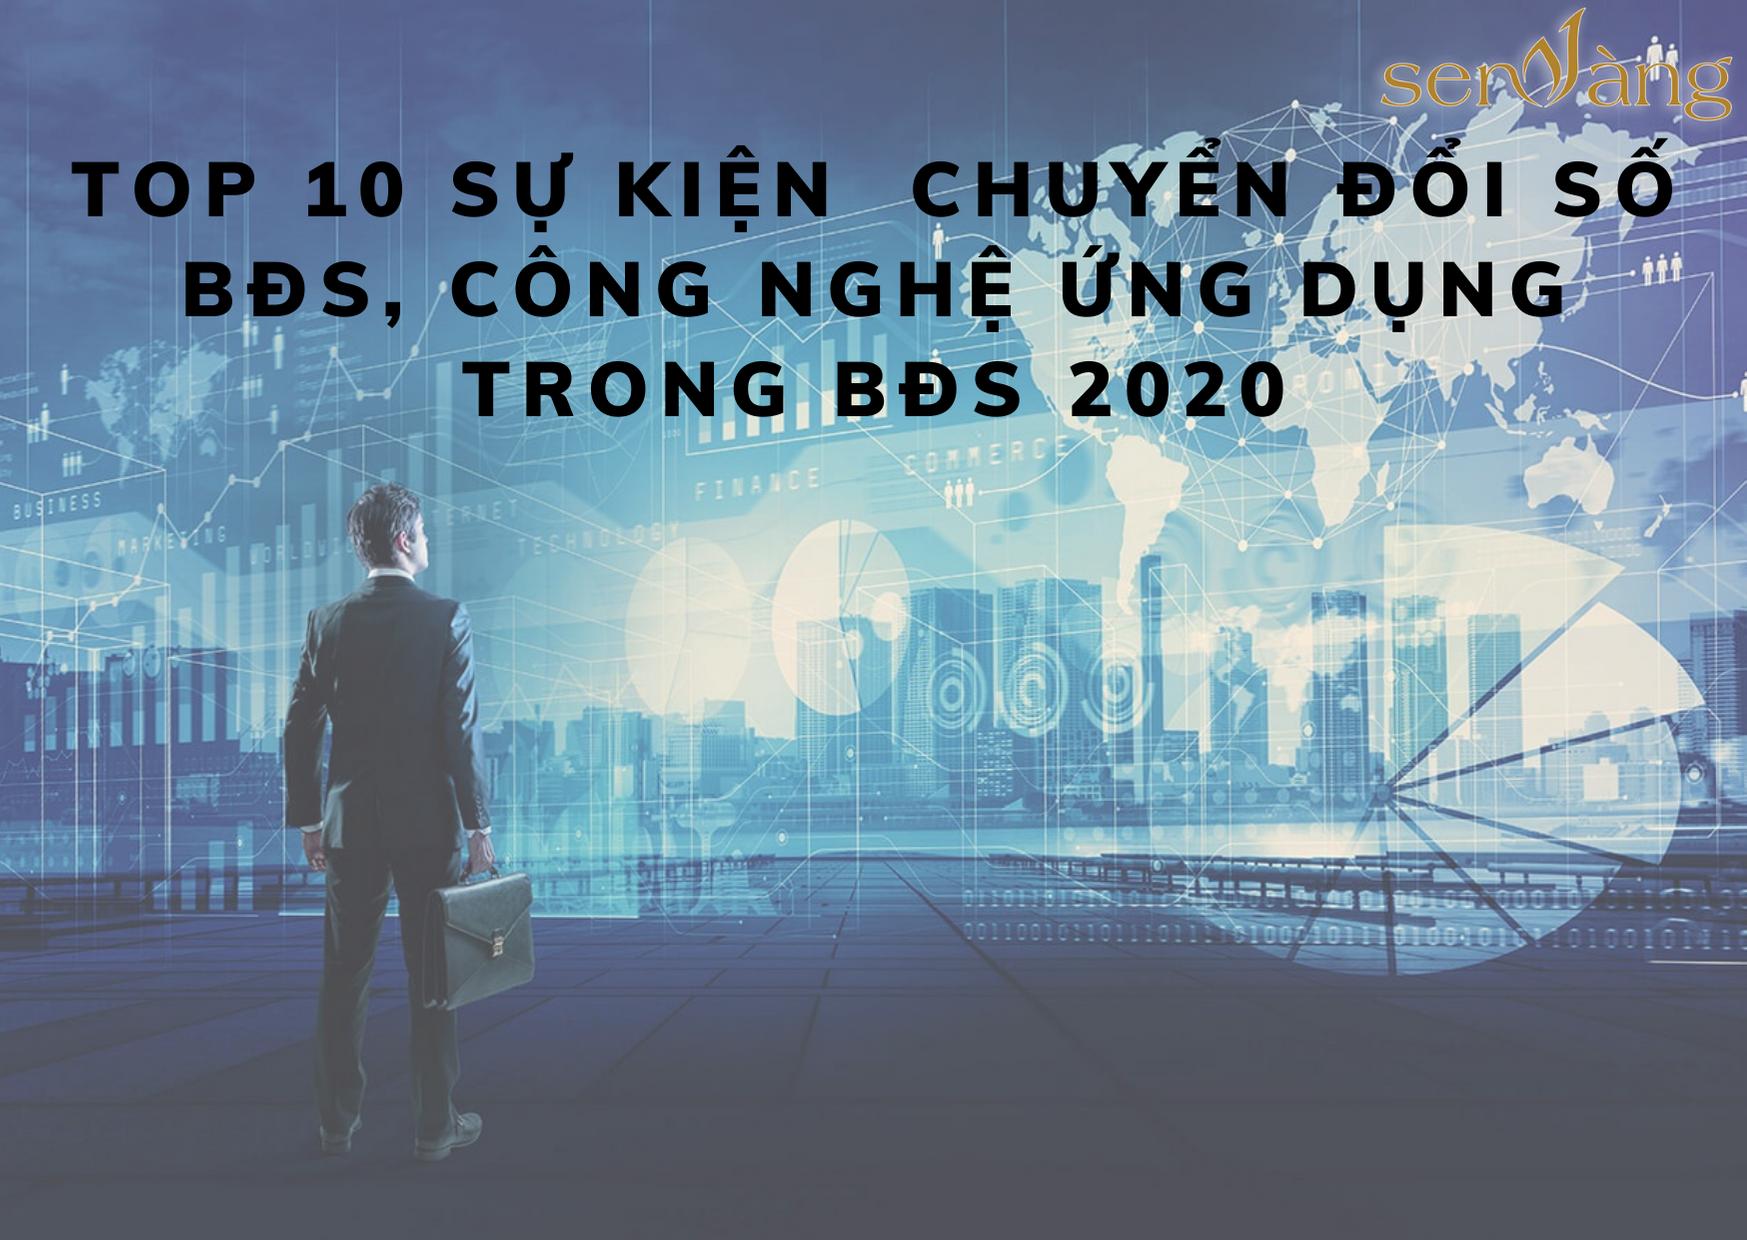 Top 10 sự kiện Chuyển đổi số, Công nghệ ứng dụng trong Bất động sản năm 2020